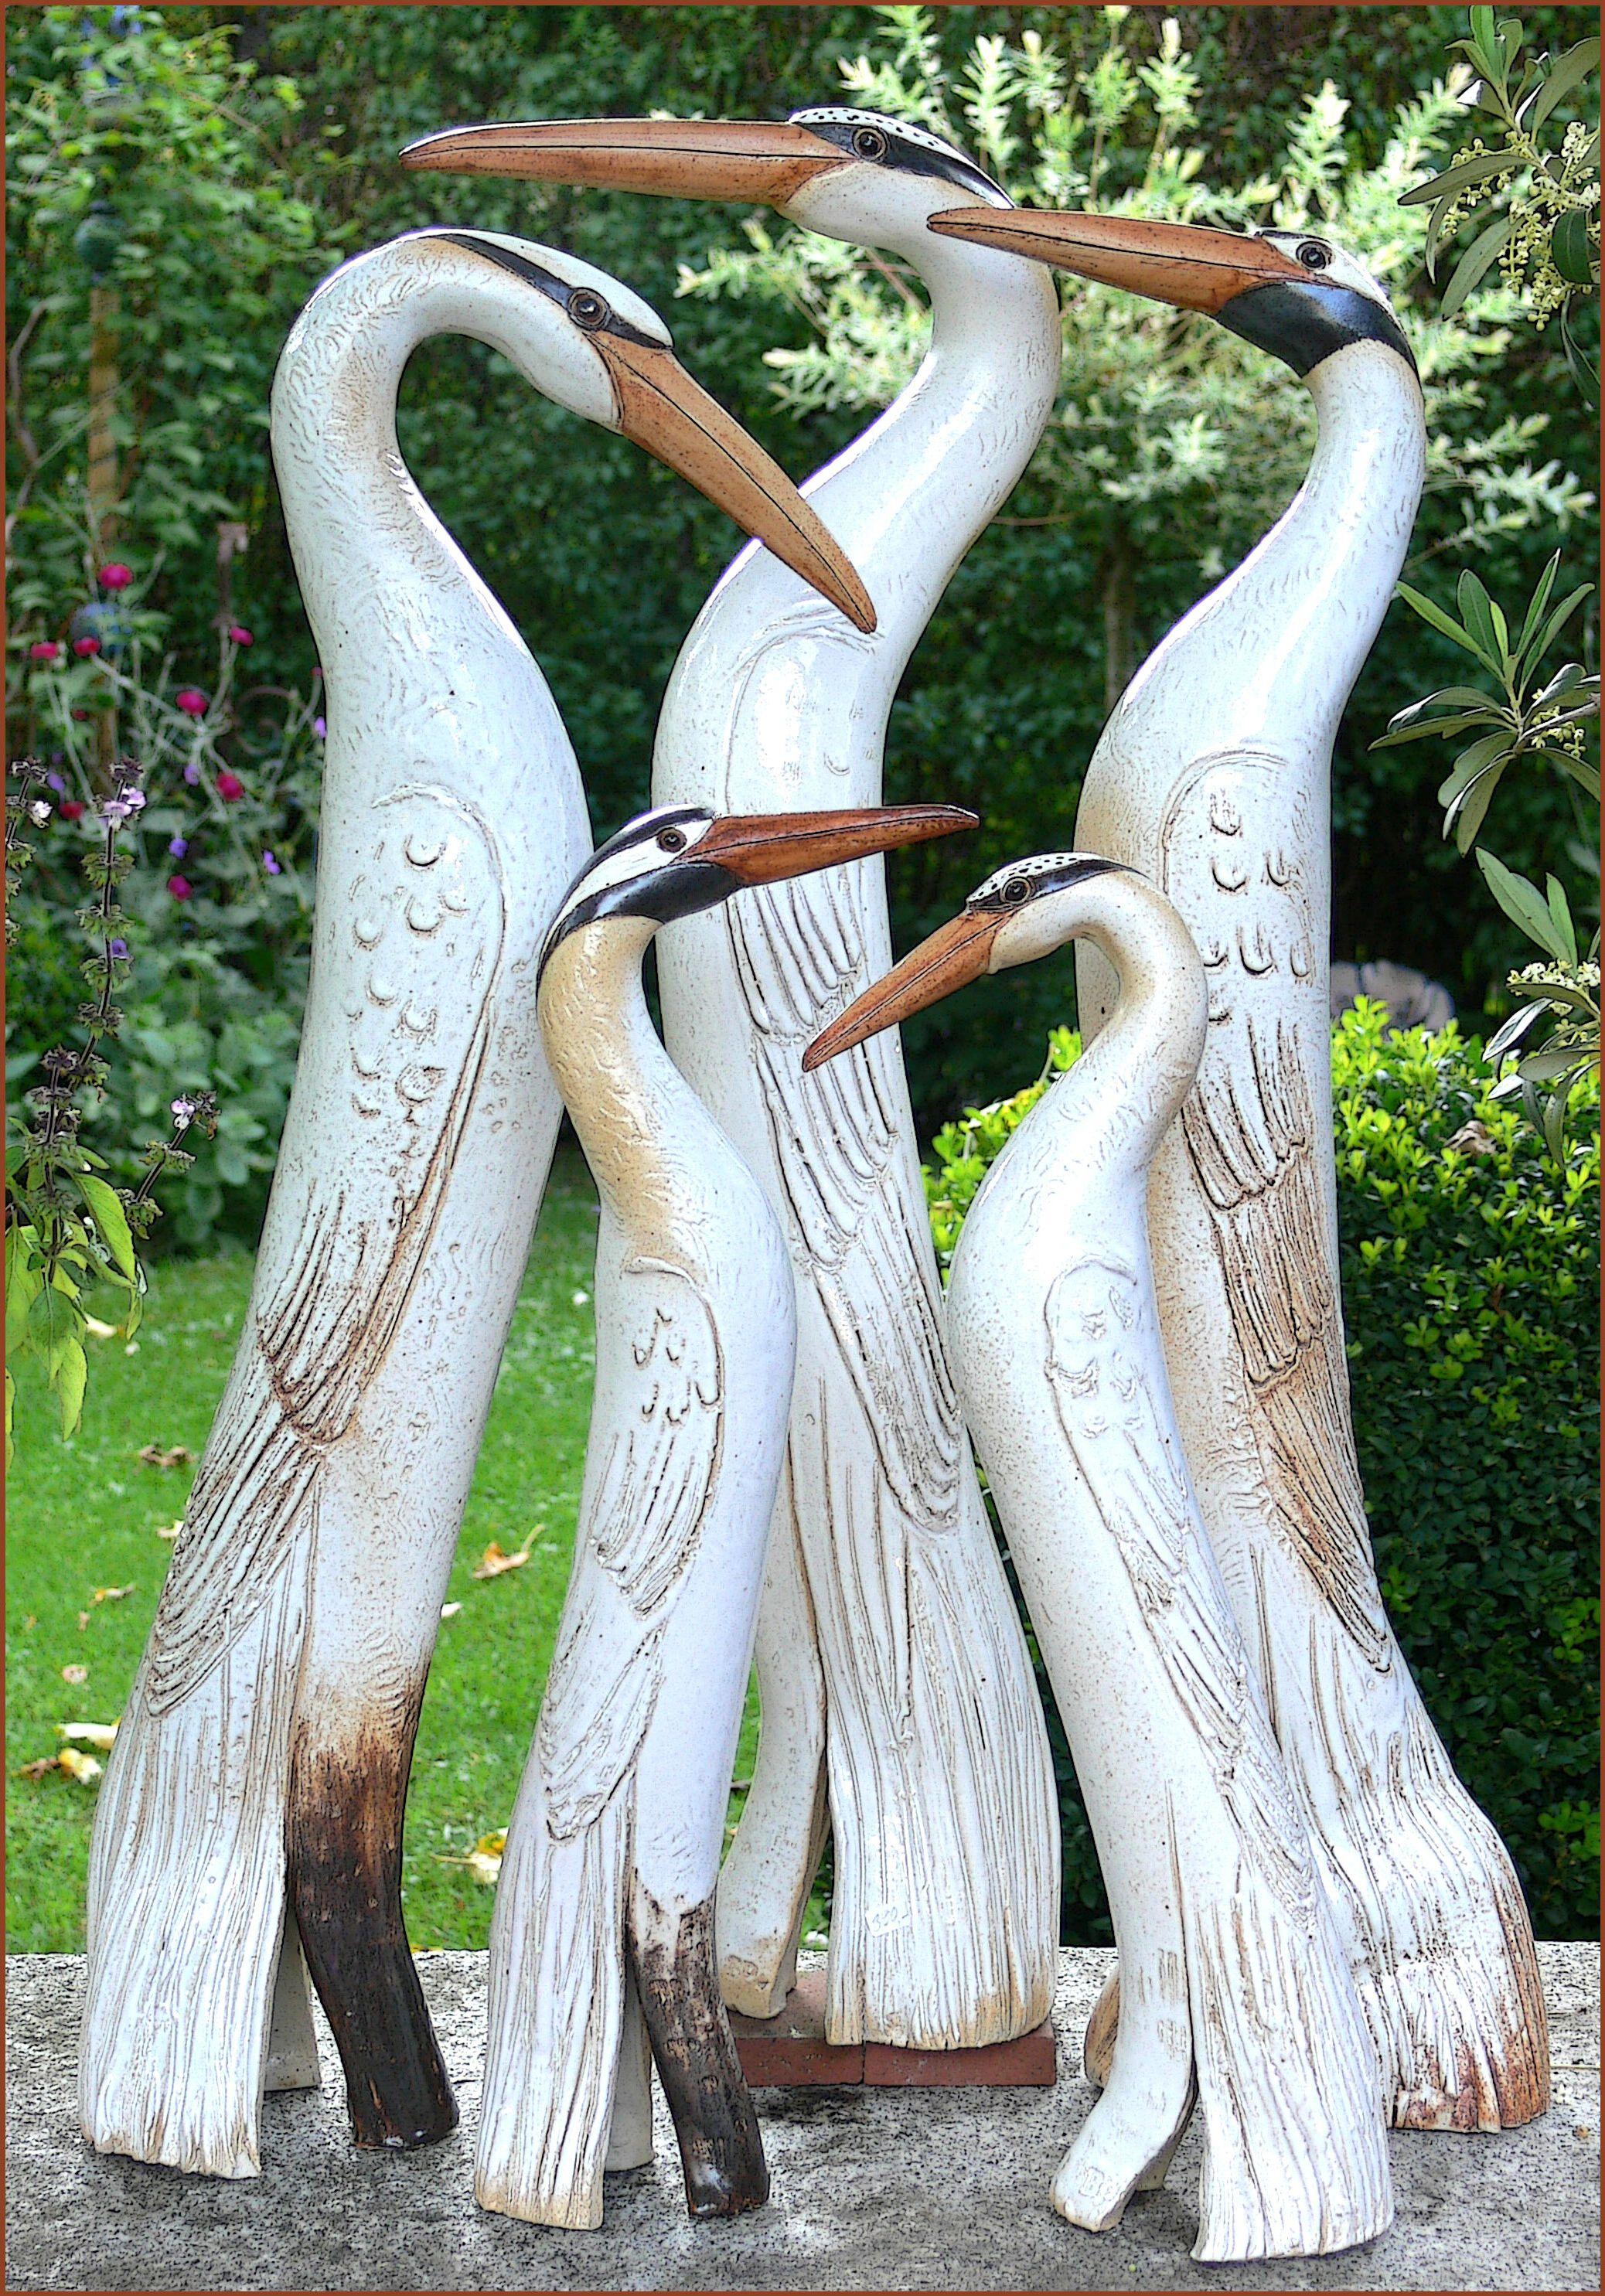 Schön Gartendeko Keramik Ideen